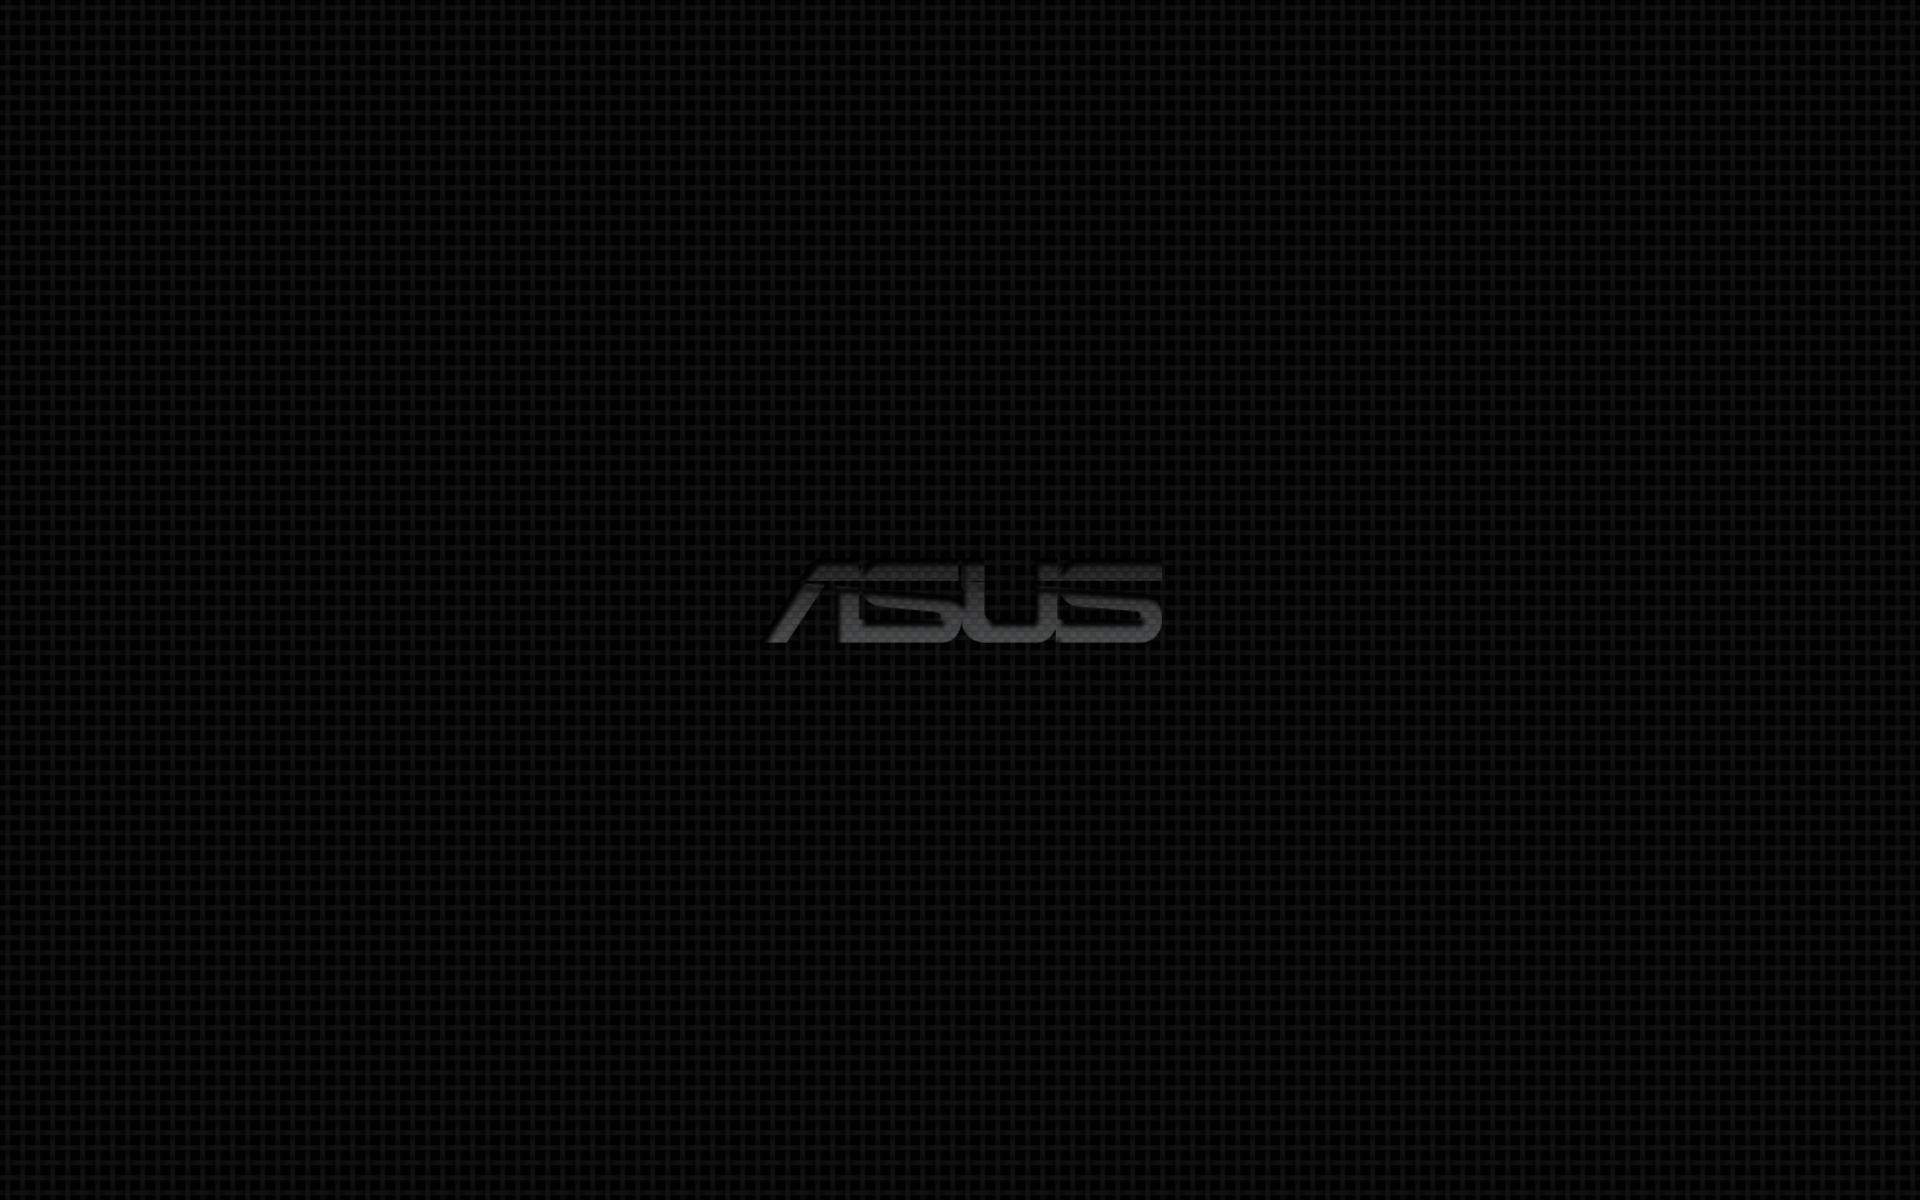 Abstract Asus Wallpaper 1920x1200 Abstract Asus 1920x1200